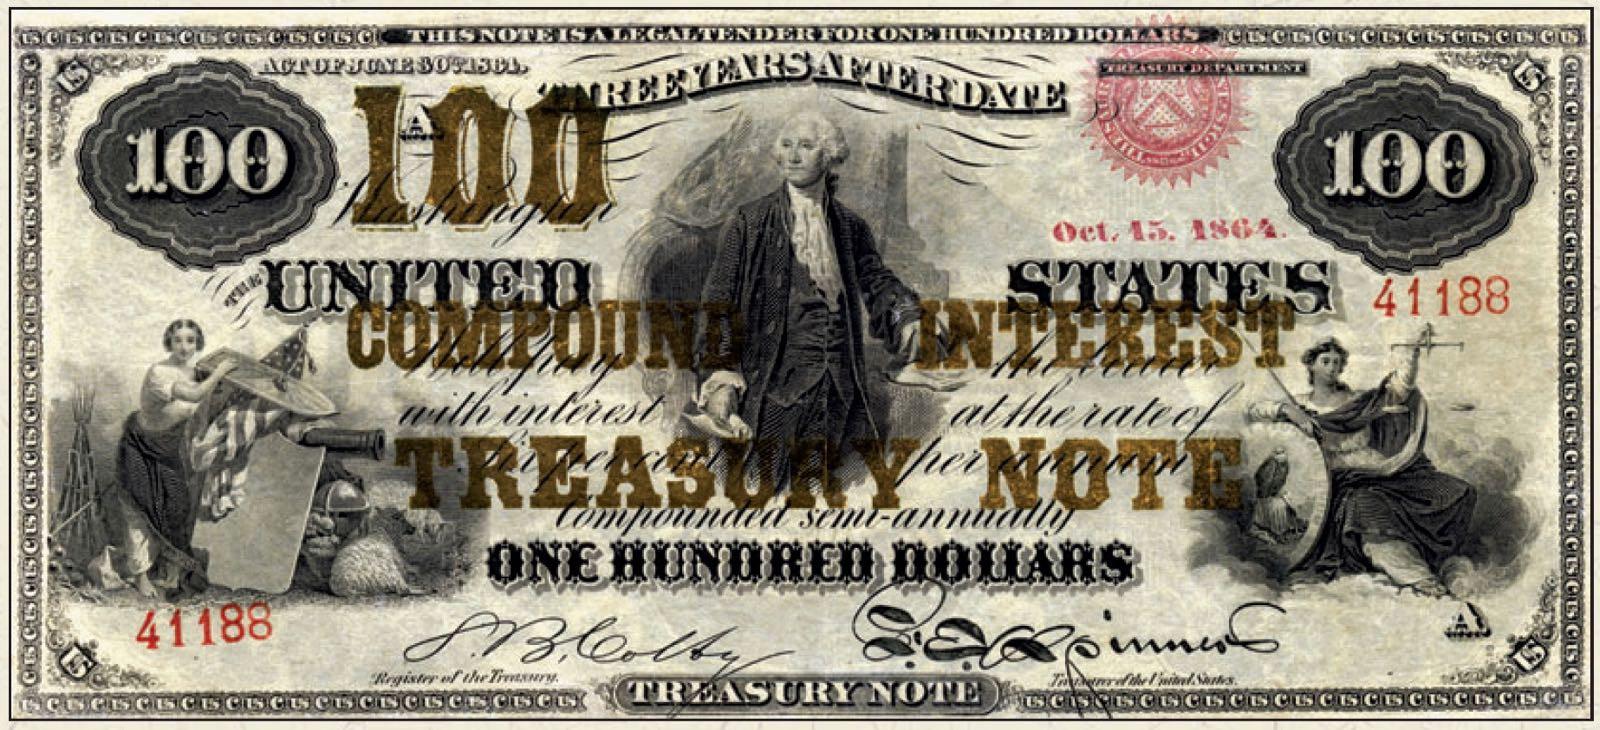 InterestBearingCompound100_f1.jpg